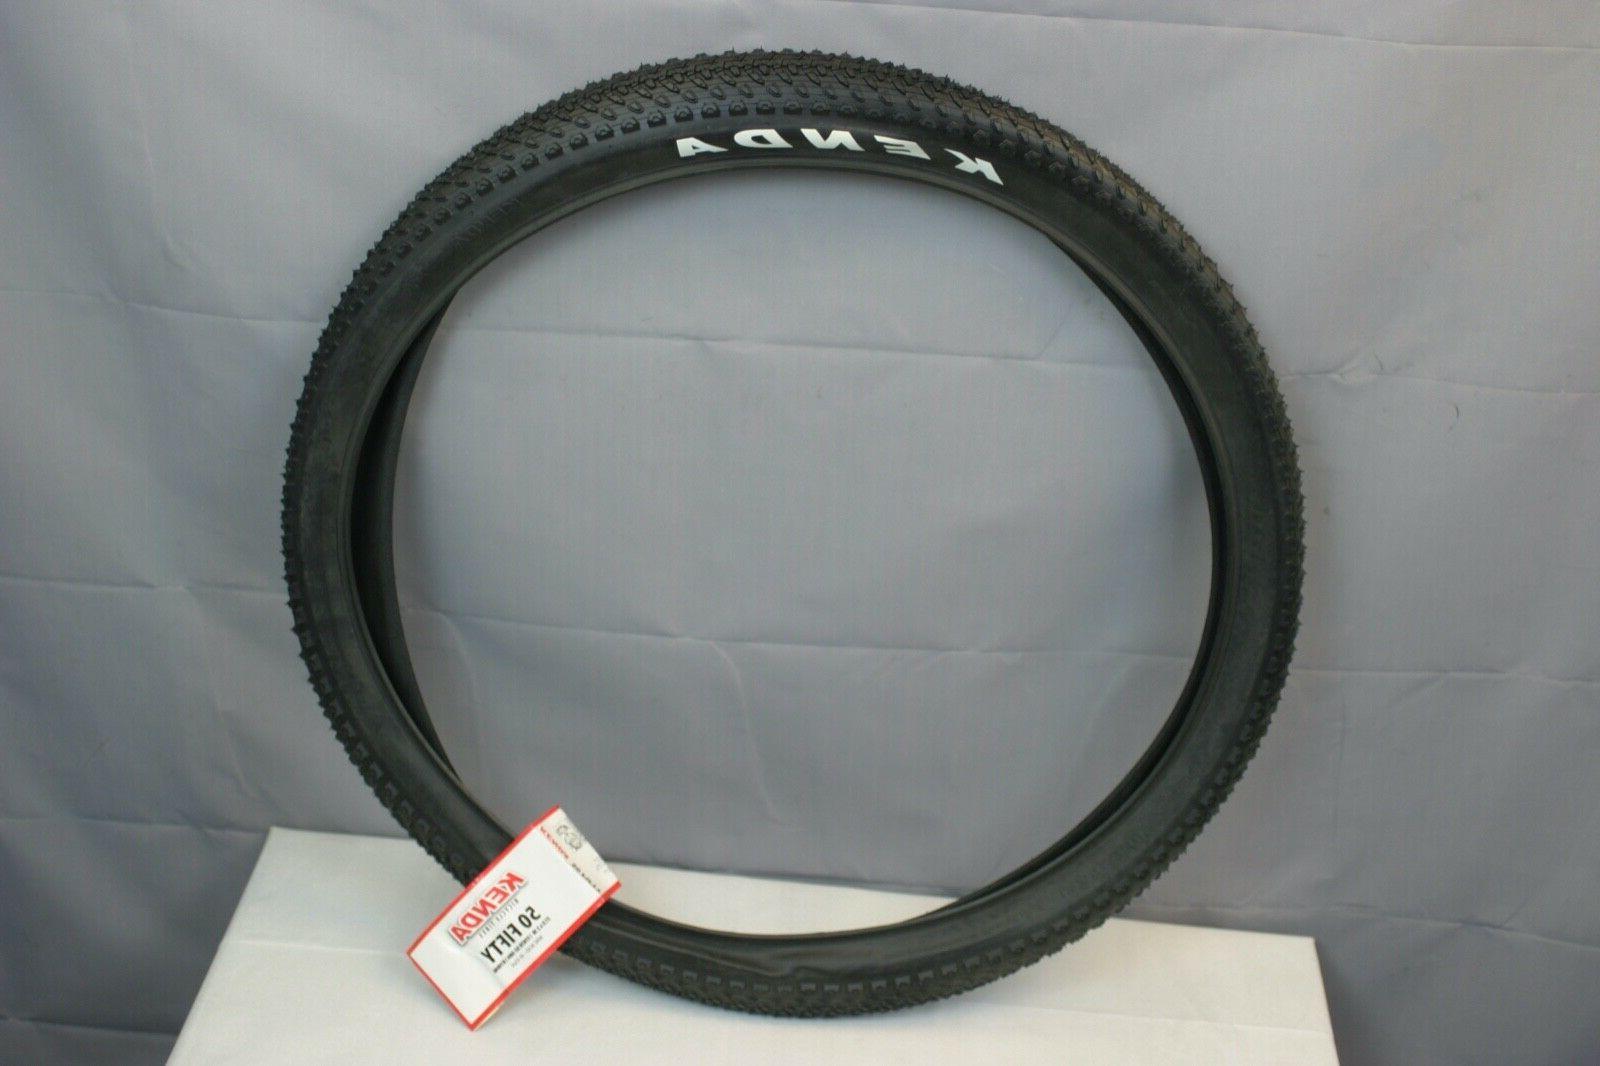 size 29 x 2.10 ETRTO 54-622 KENDA K 1104A 50-Fifty Bike Tyre